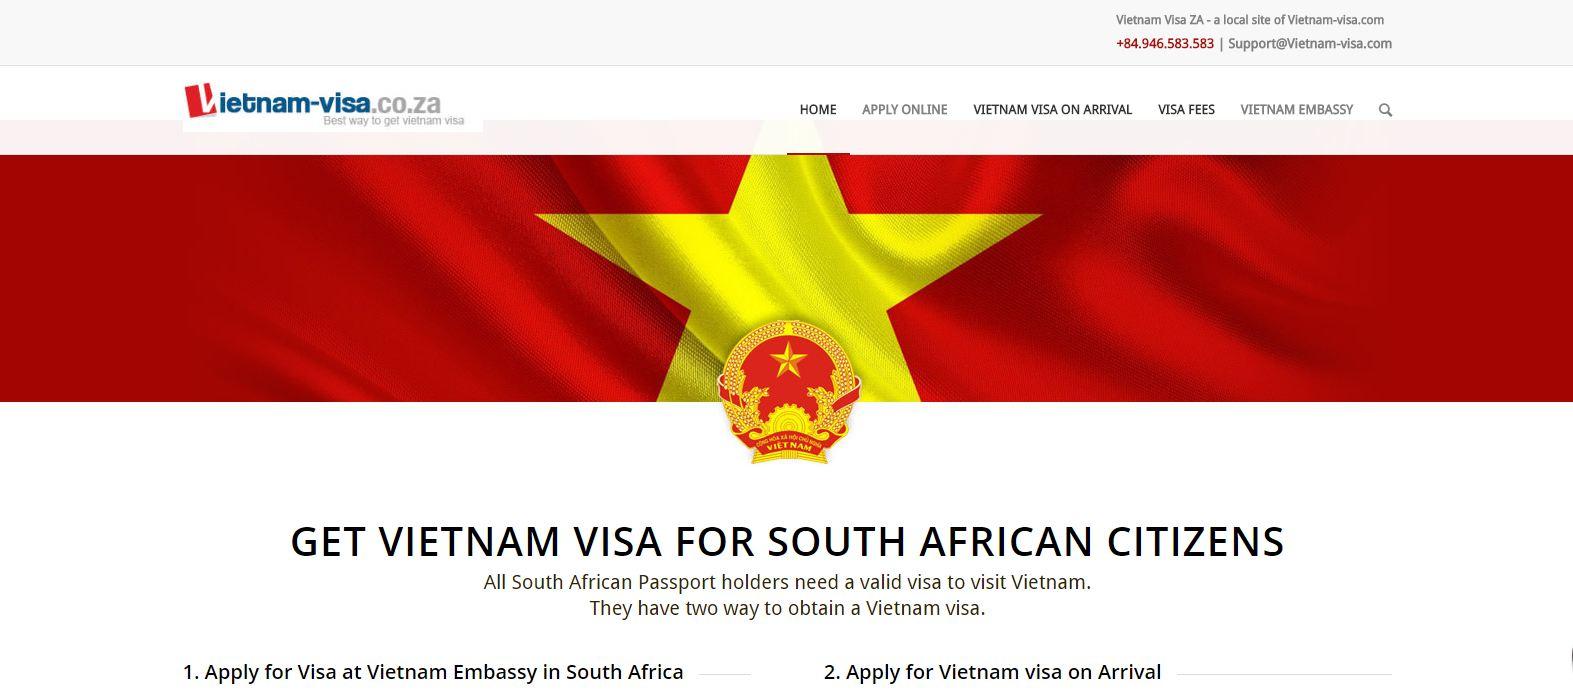 Vietnam visa in South Africa